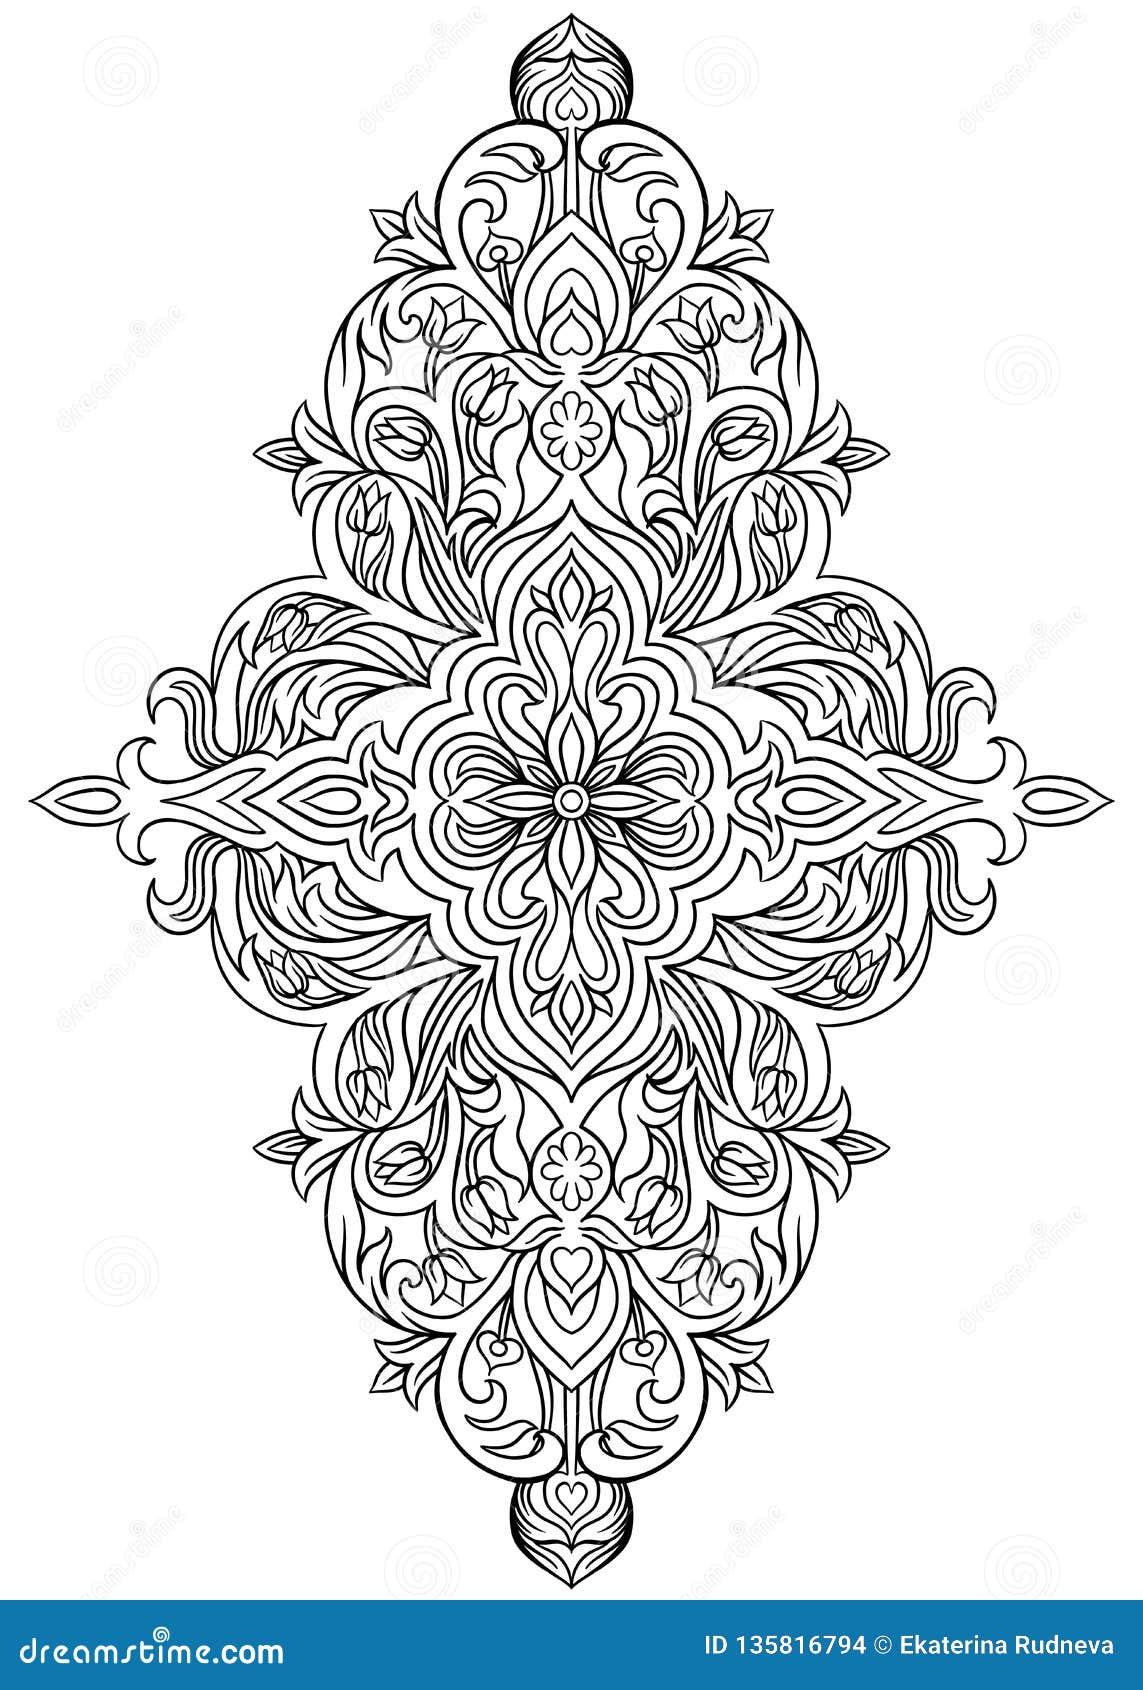 Livre De Coloriage De Dessin Sur Un Fond Blanc Modèle